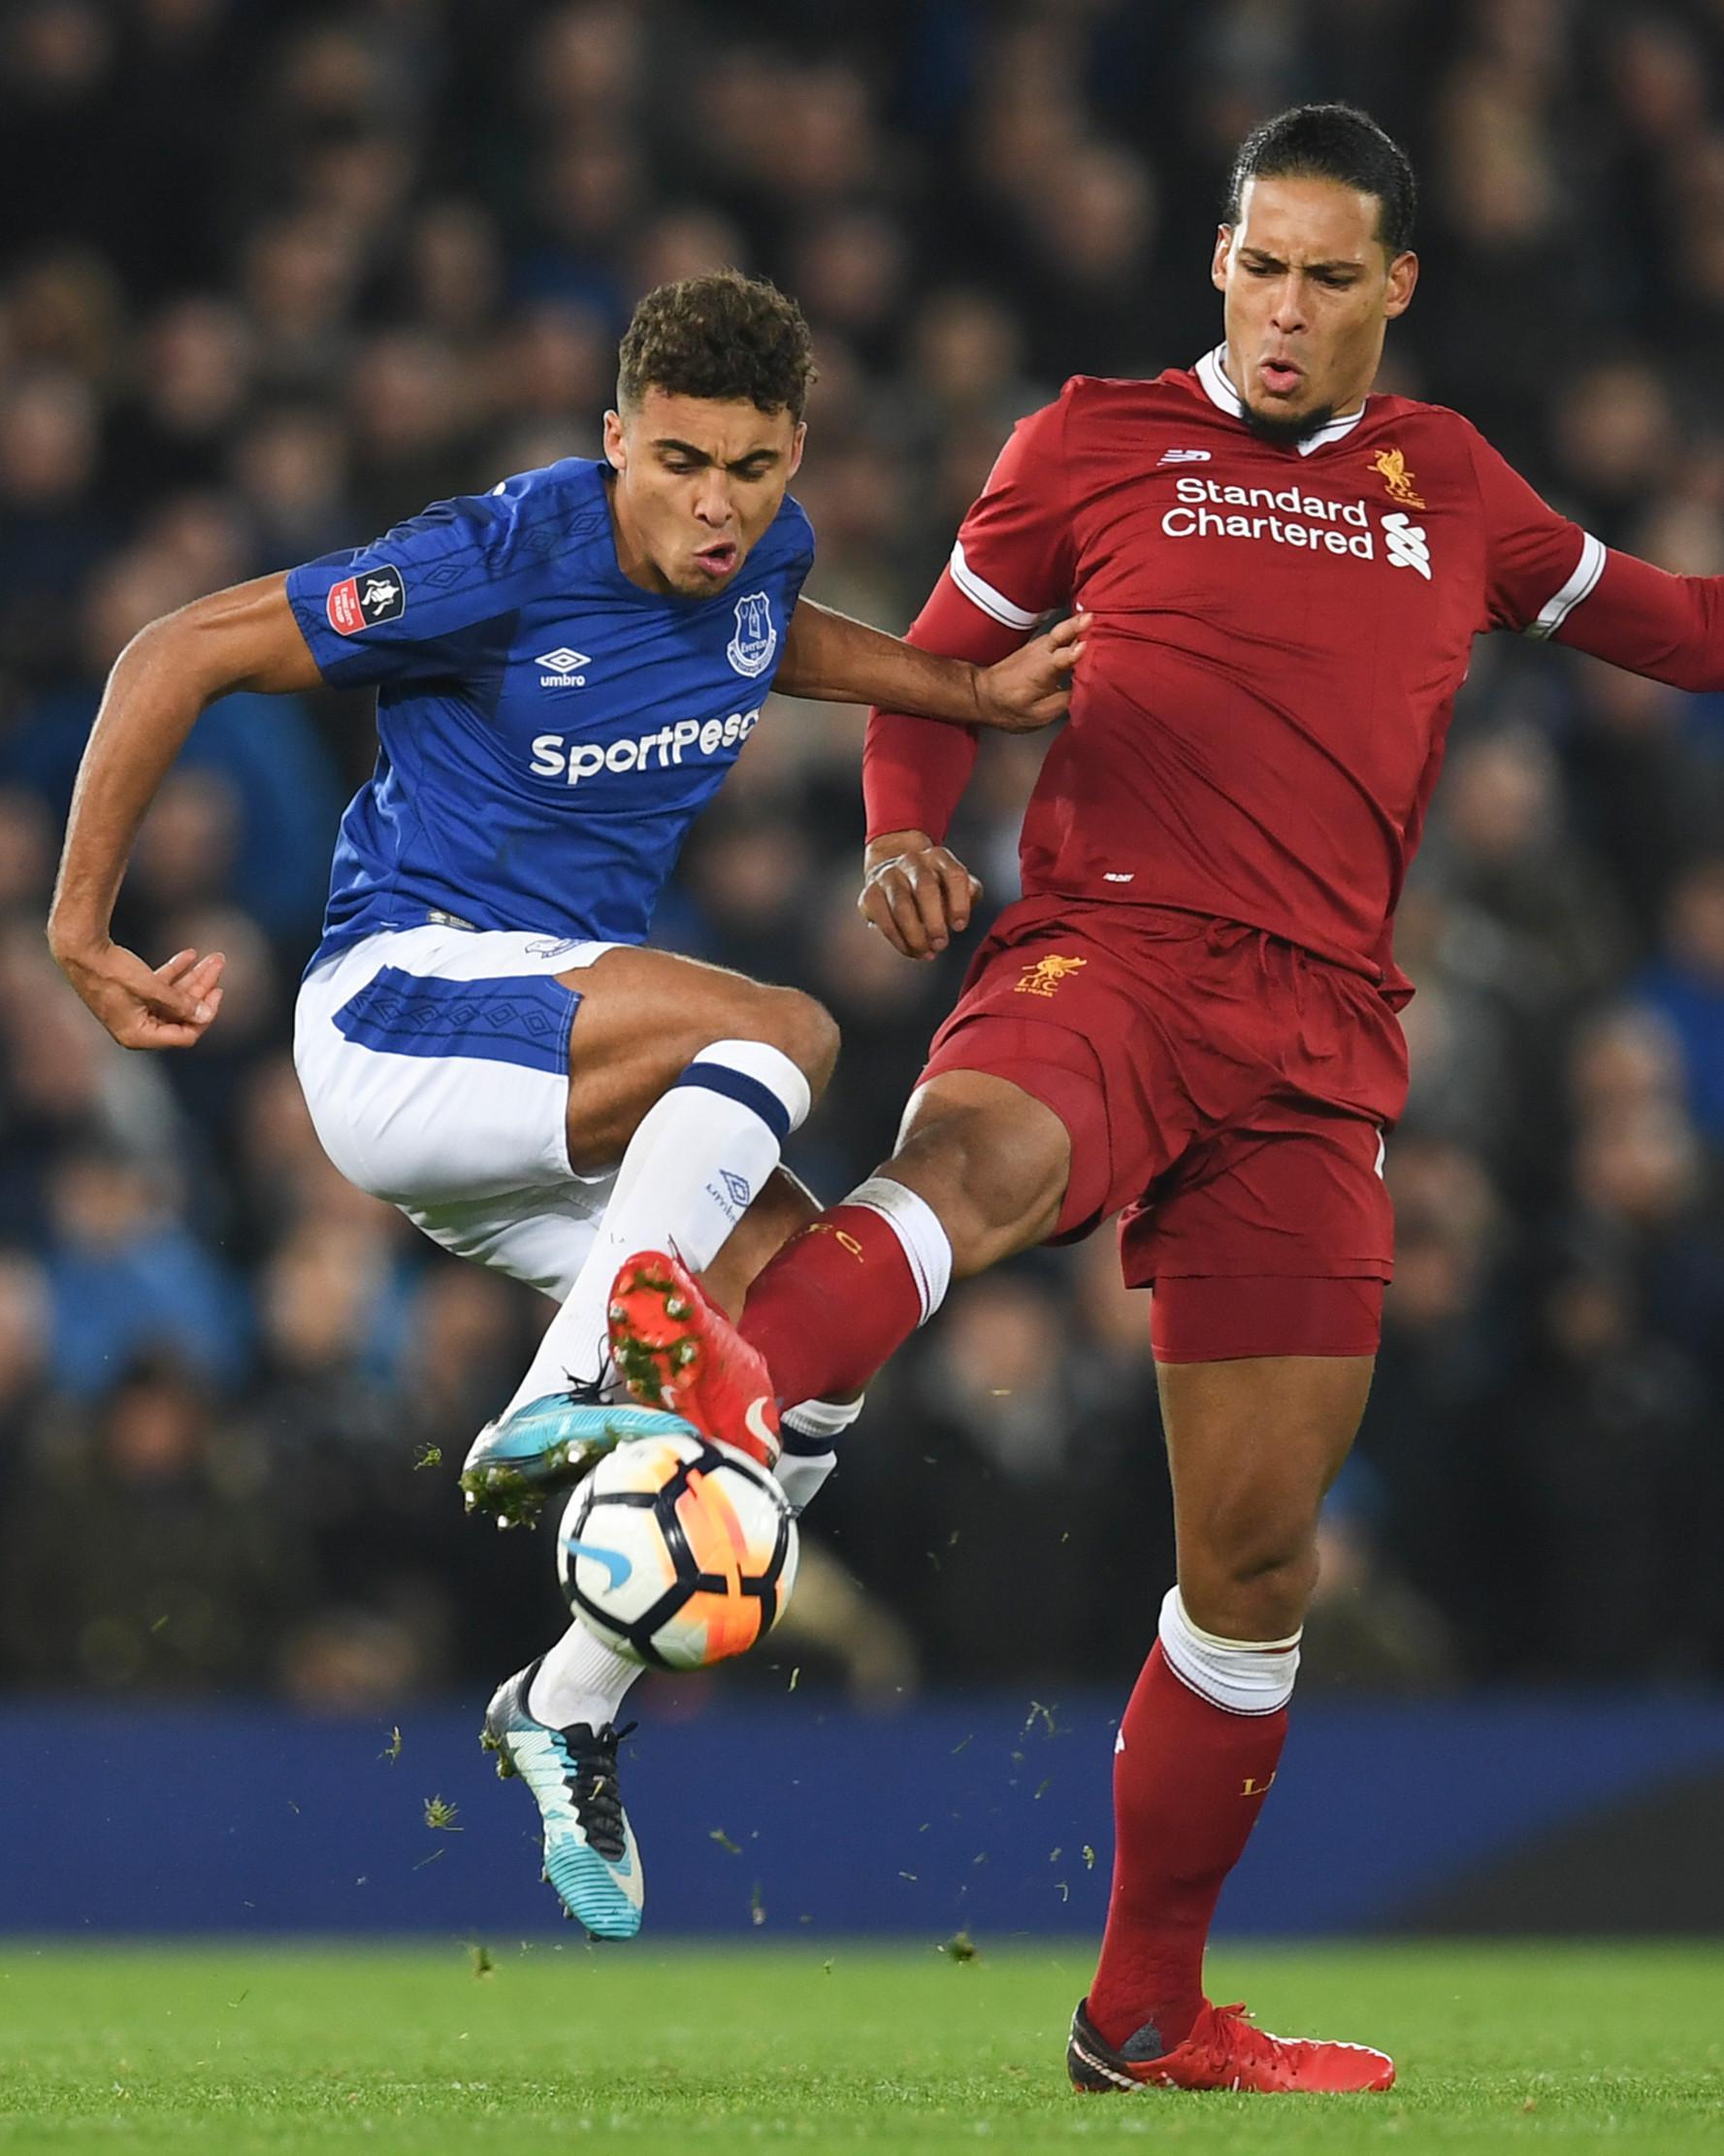 Bek Liverpool, Virgil Van Dijk (kanan) berusaha merebut bola dari striker Everton, Dominic Calvert-Lewin, saat bertanding di Piala FA di Anfield, Sabtu (6/1/2018) dini hari WIB. (AFP/Paul Ellis)